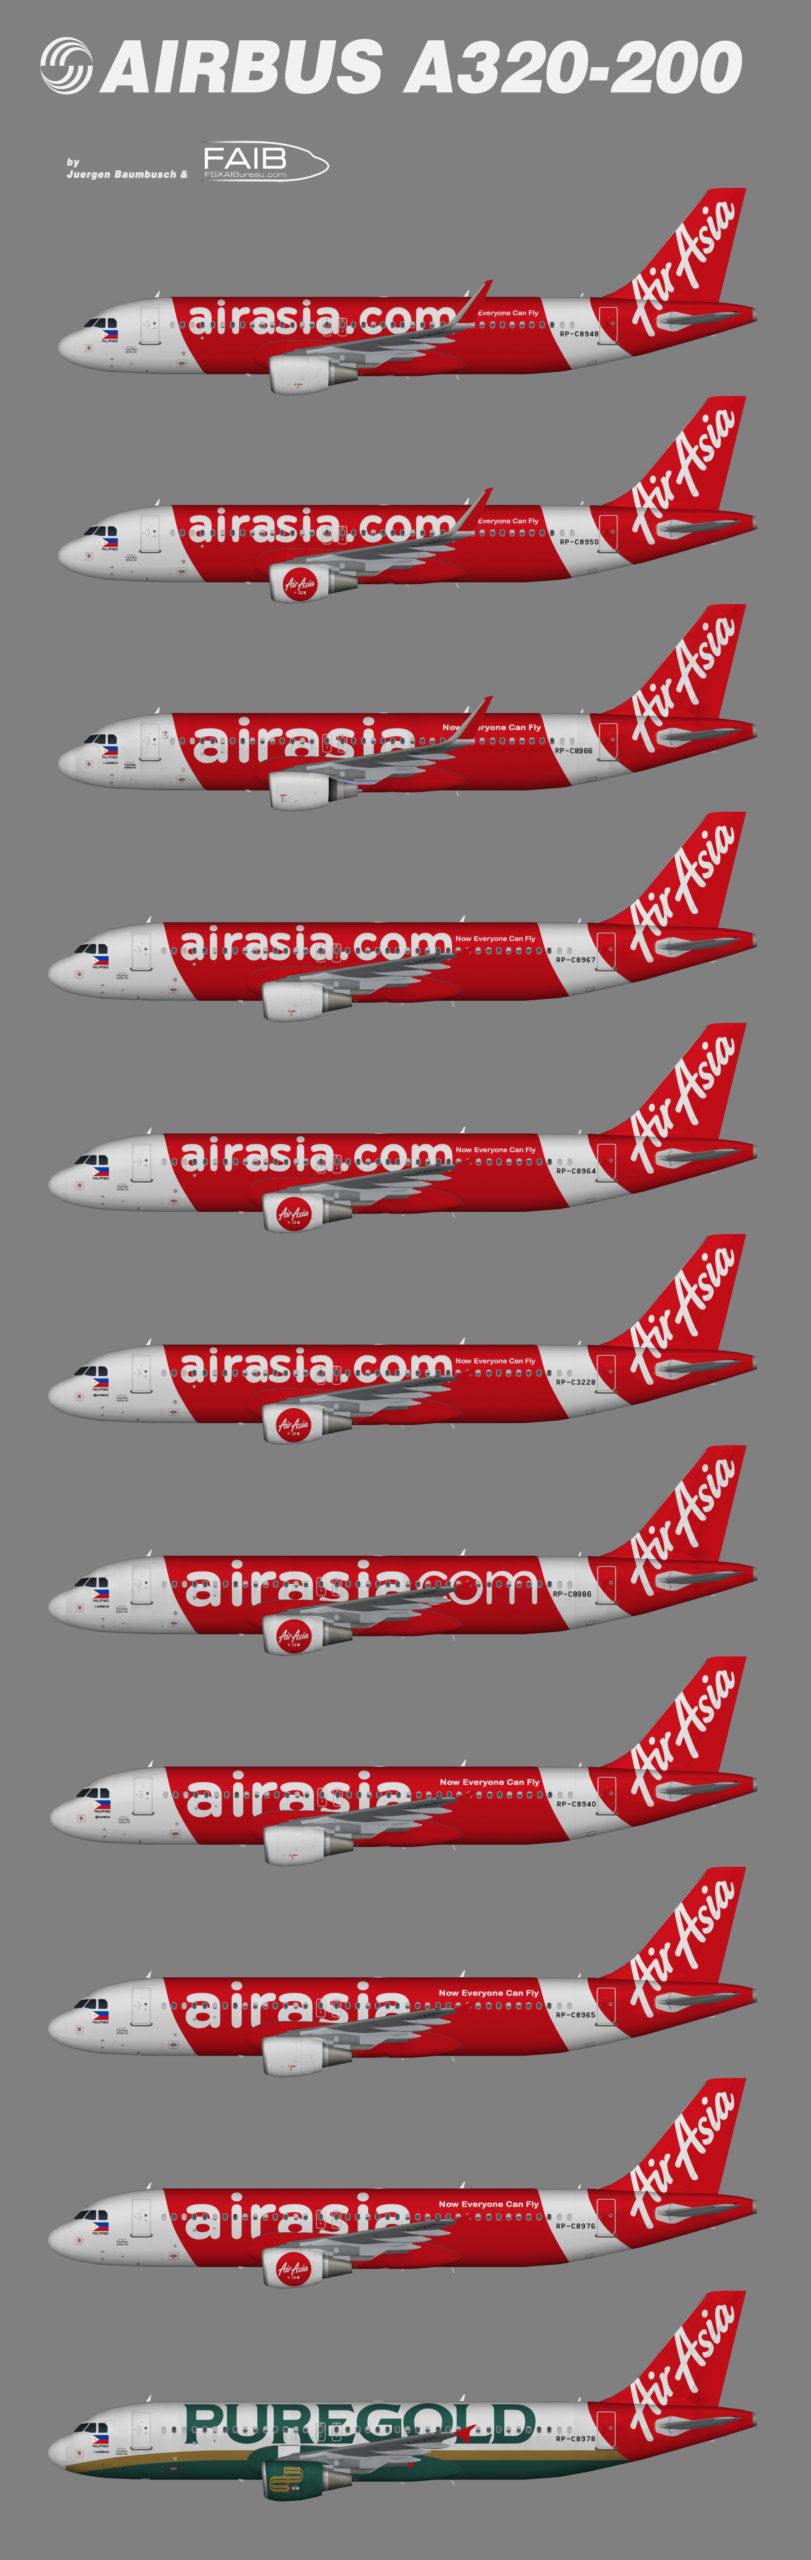 AirAsia Philippines Airbus A320-200